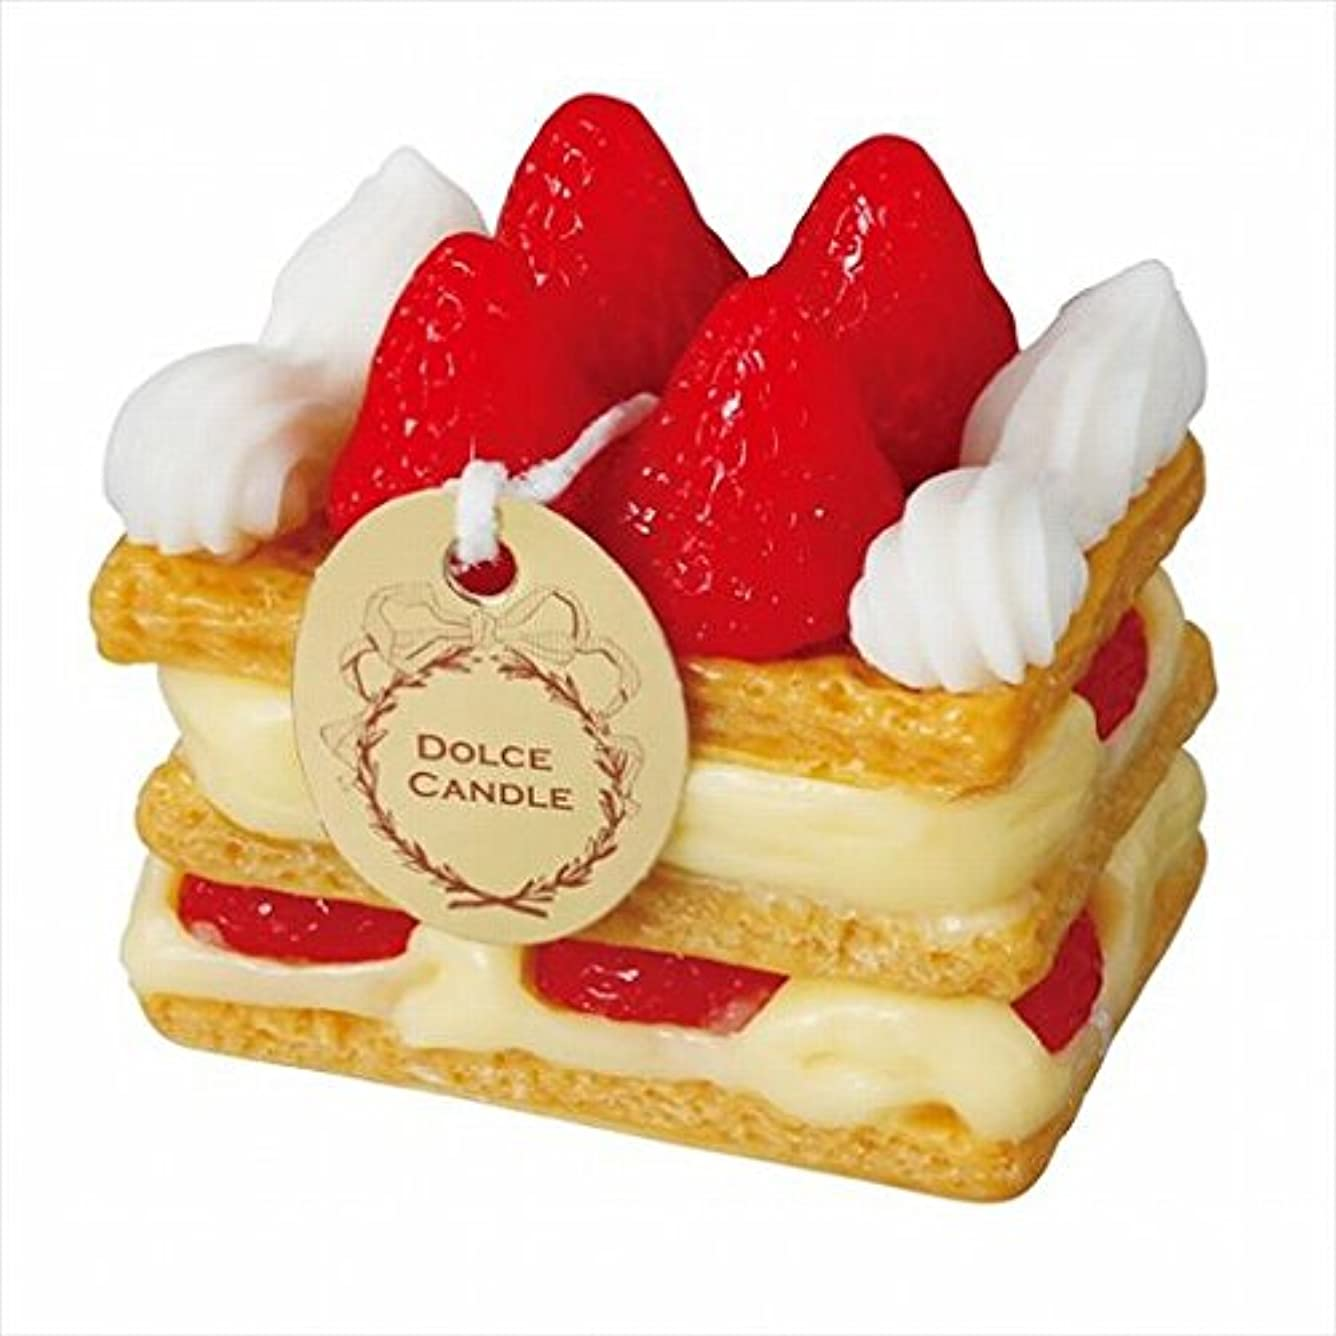 ヨーロッパモールス信号怒っているスイーツキャンドル( sweets candle ) ドルチェキャンドル 「 ミルフィーユ 」 キャンドル